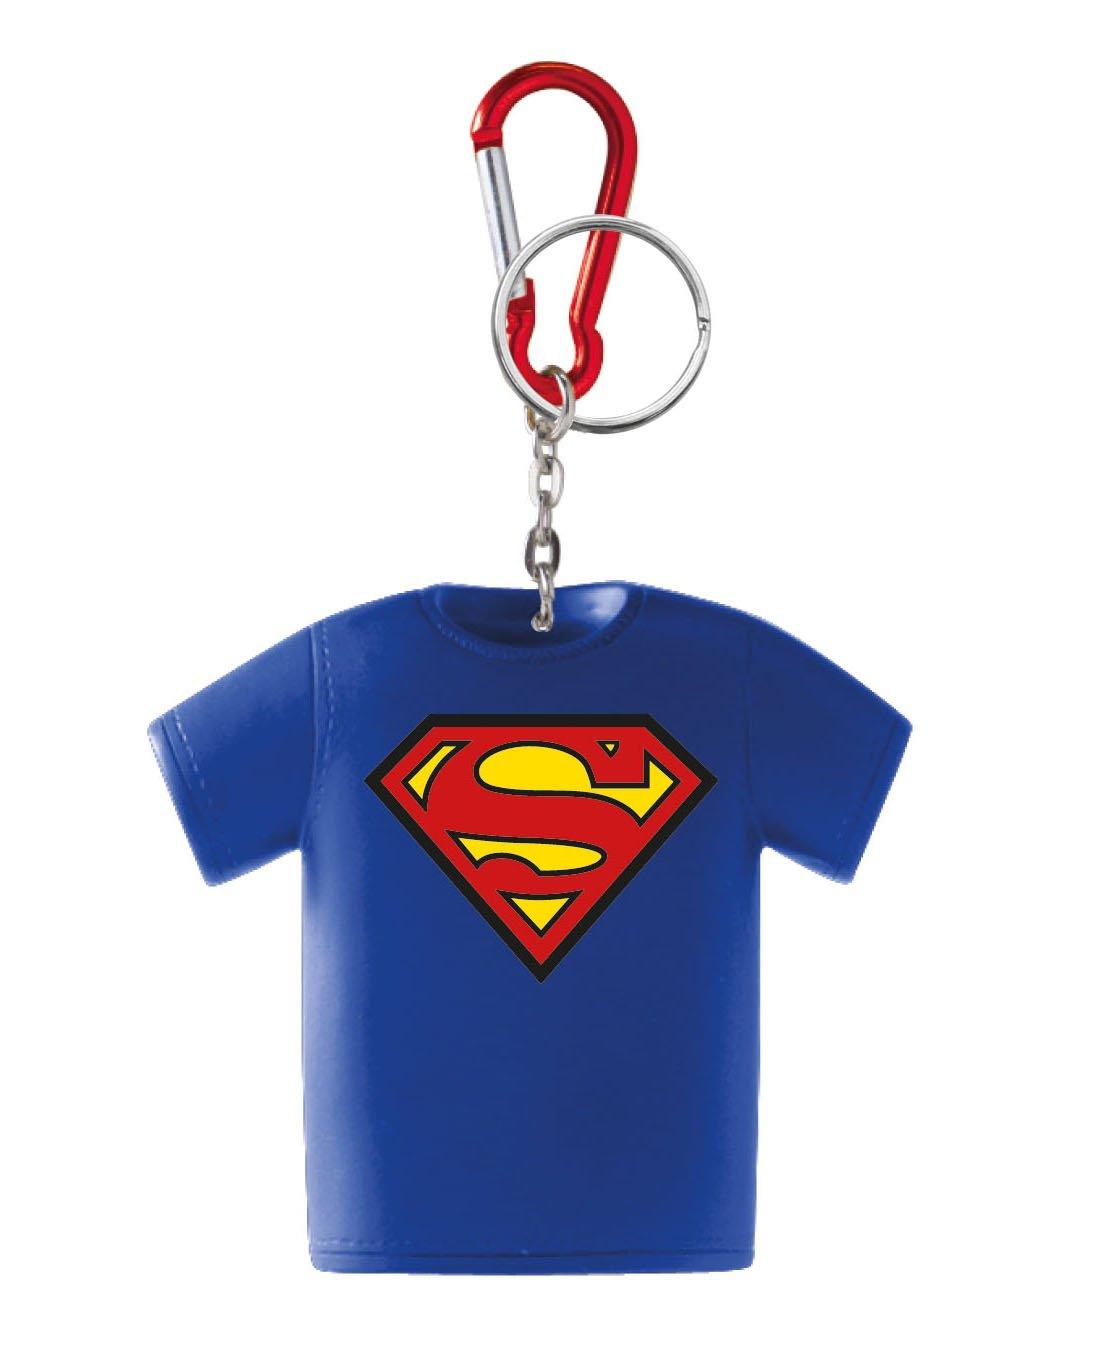 DC Superman T-Shirt Porte-Monnaie Porte-clés Monogram International 45178